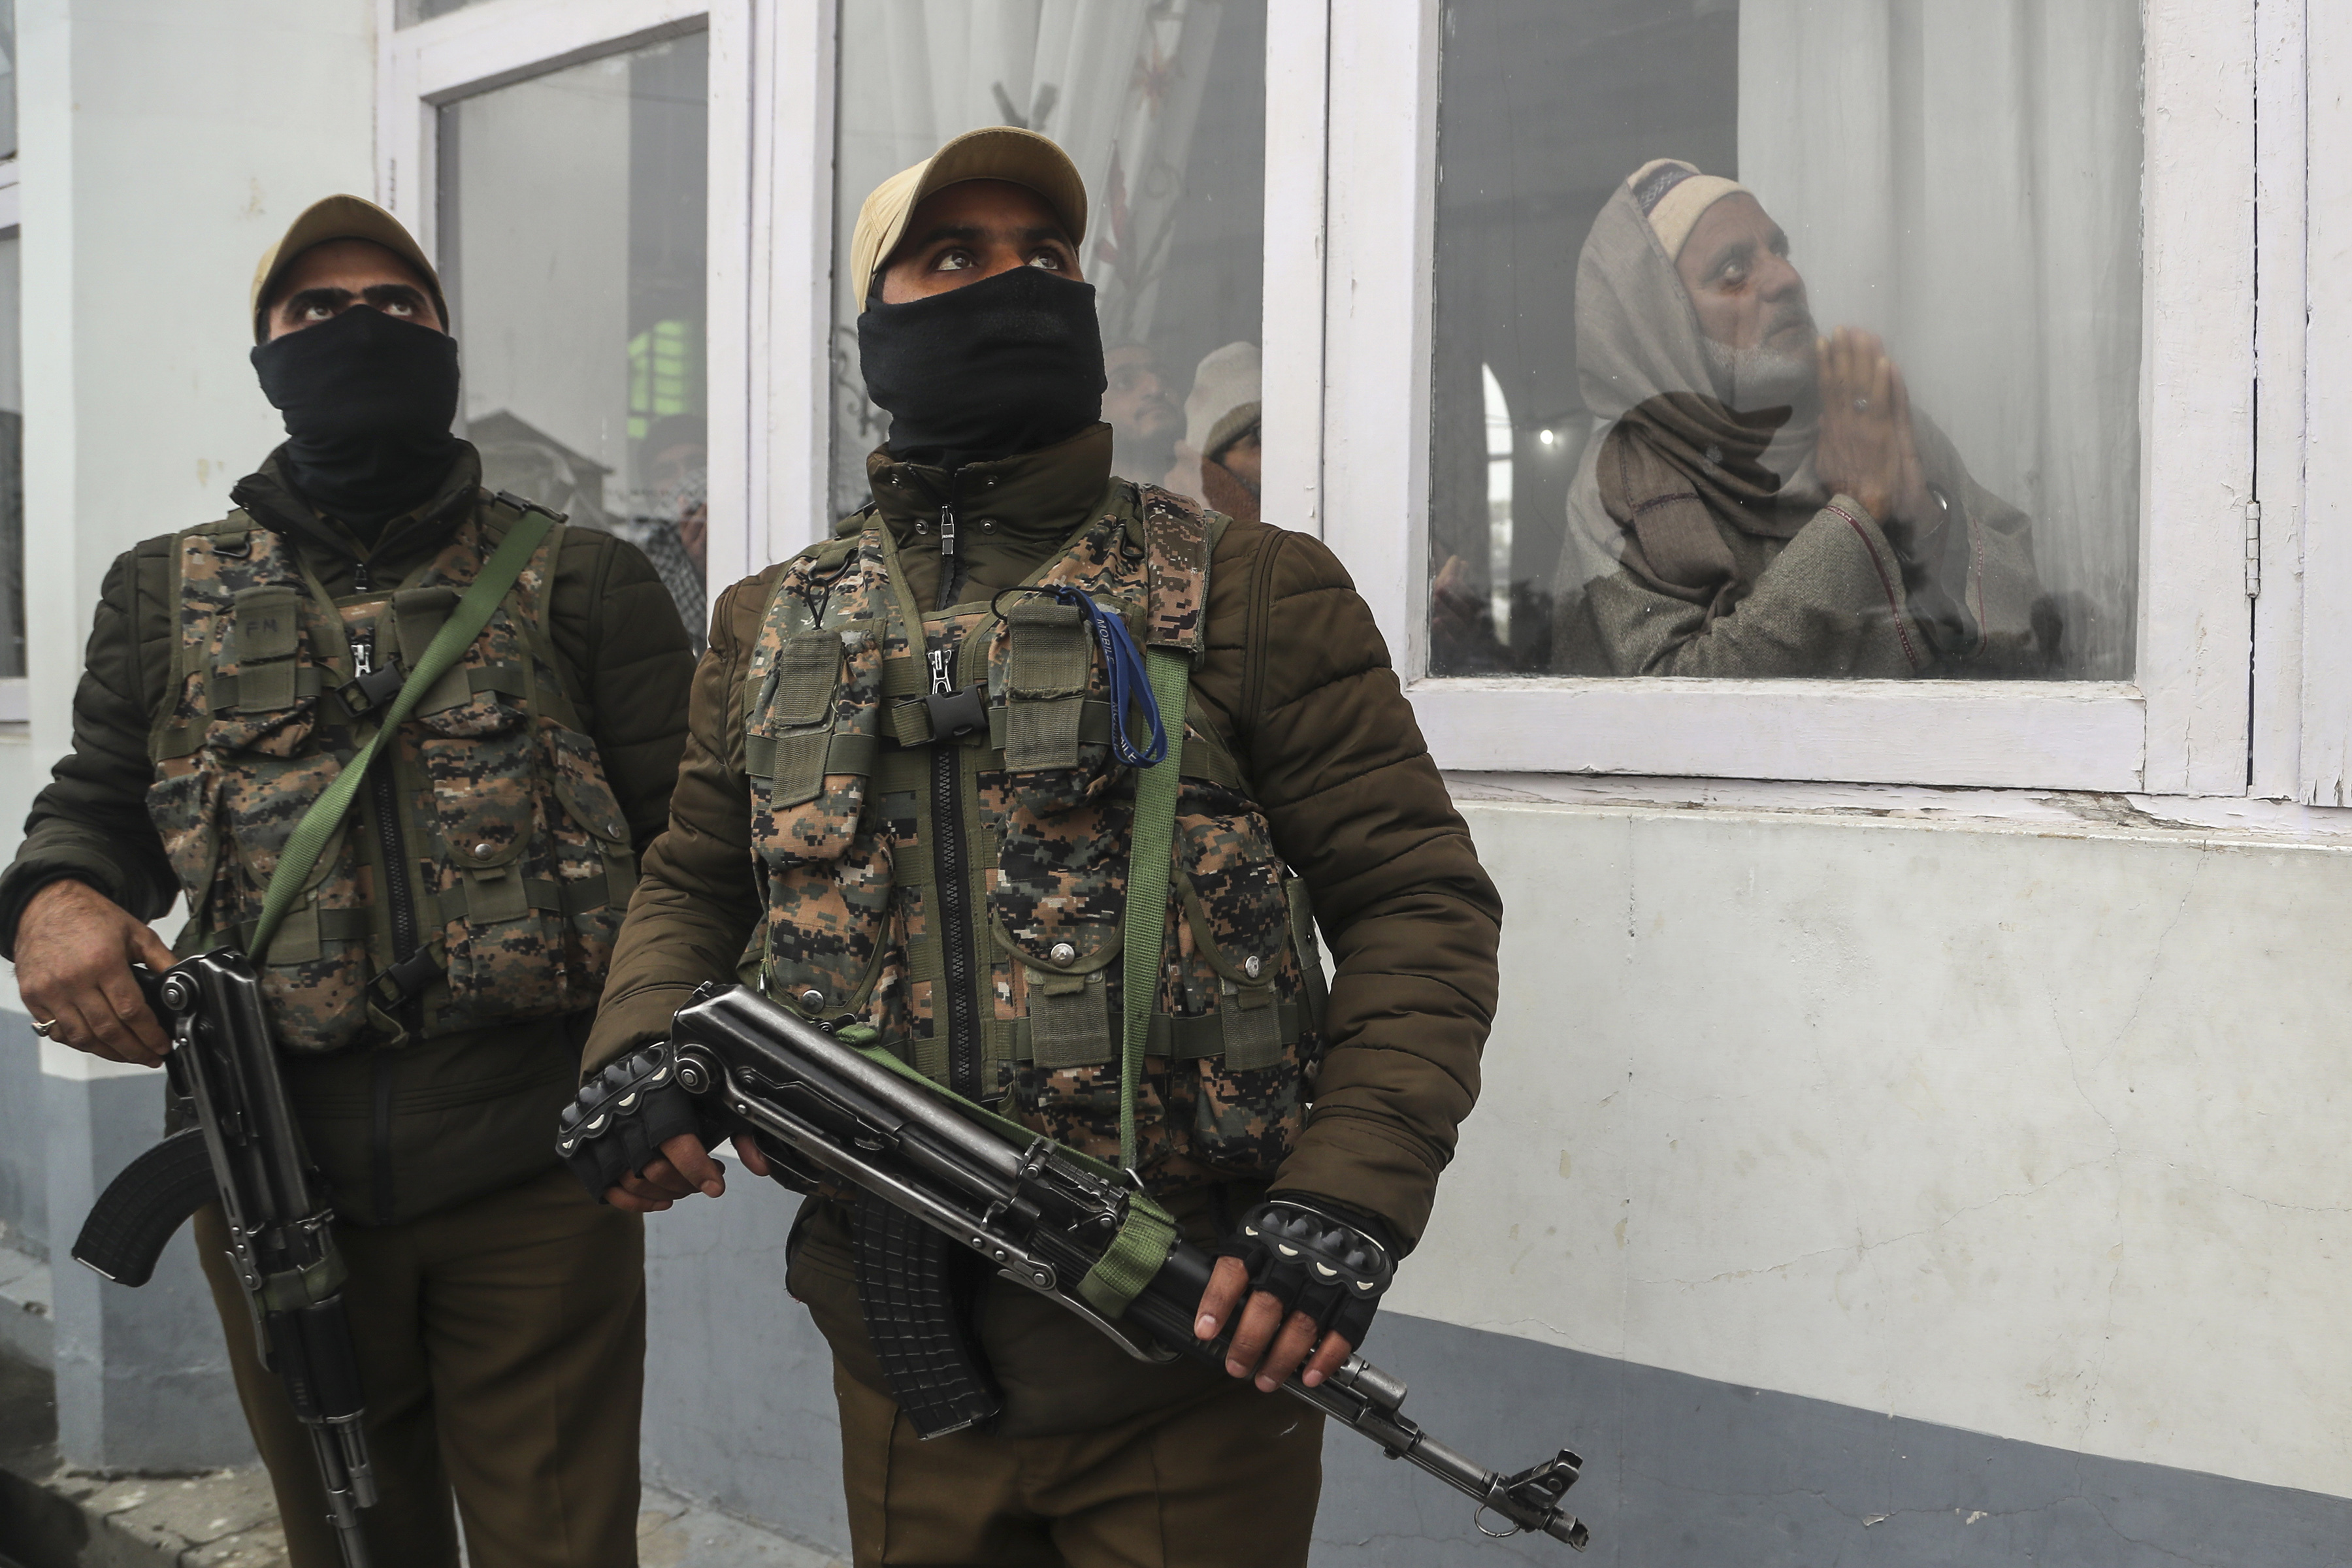 Policías indios vigilan mientras los musulmanes de Cachemira rezan y el sacerdote jefe, invisible, muestra una reliquia del profeta Mahoma del Islam en el santuario de Hazratbal, con motivo del aniversario del nacimiento del profeta en Srinagar, India, el 10 de noviembre de 2019. (AP /Mukhtar Khan)